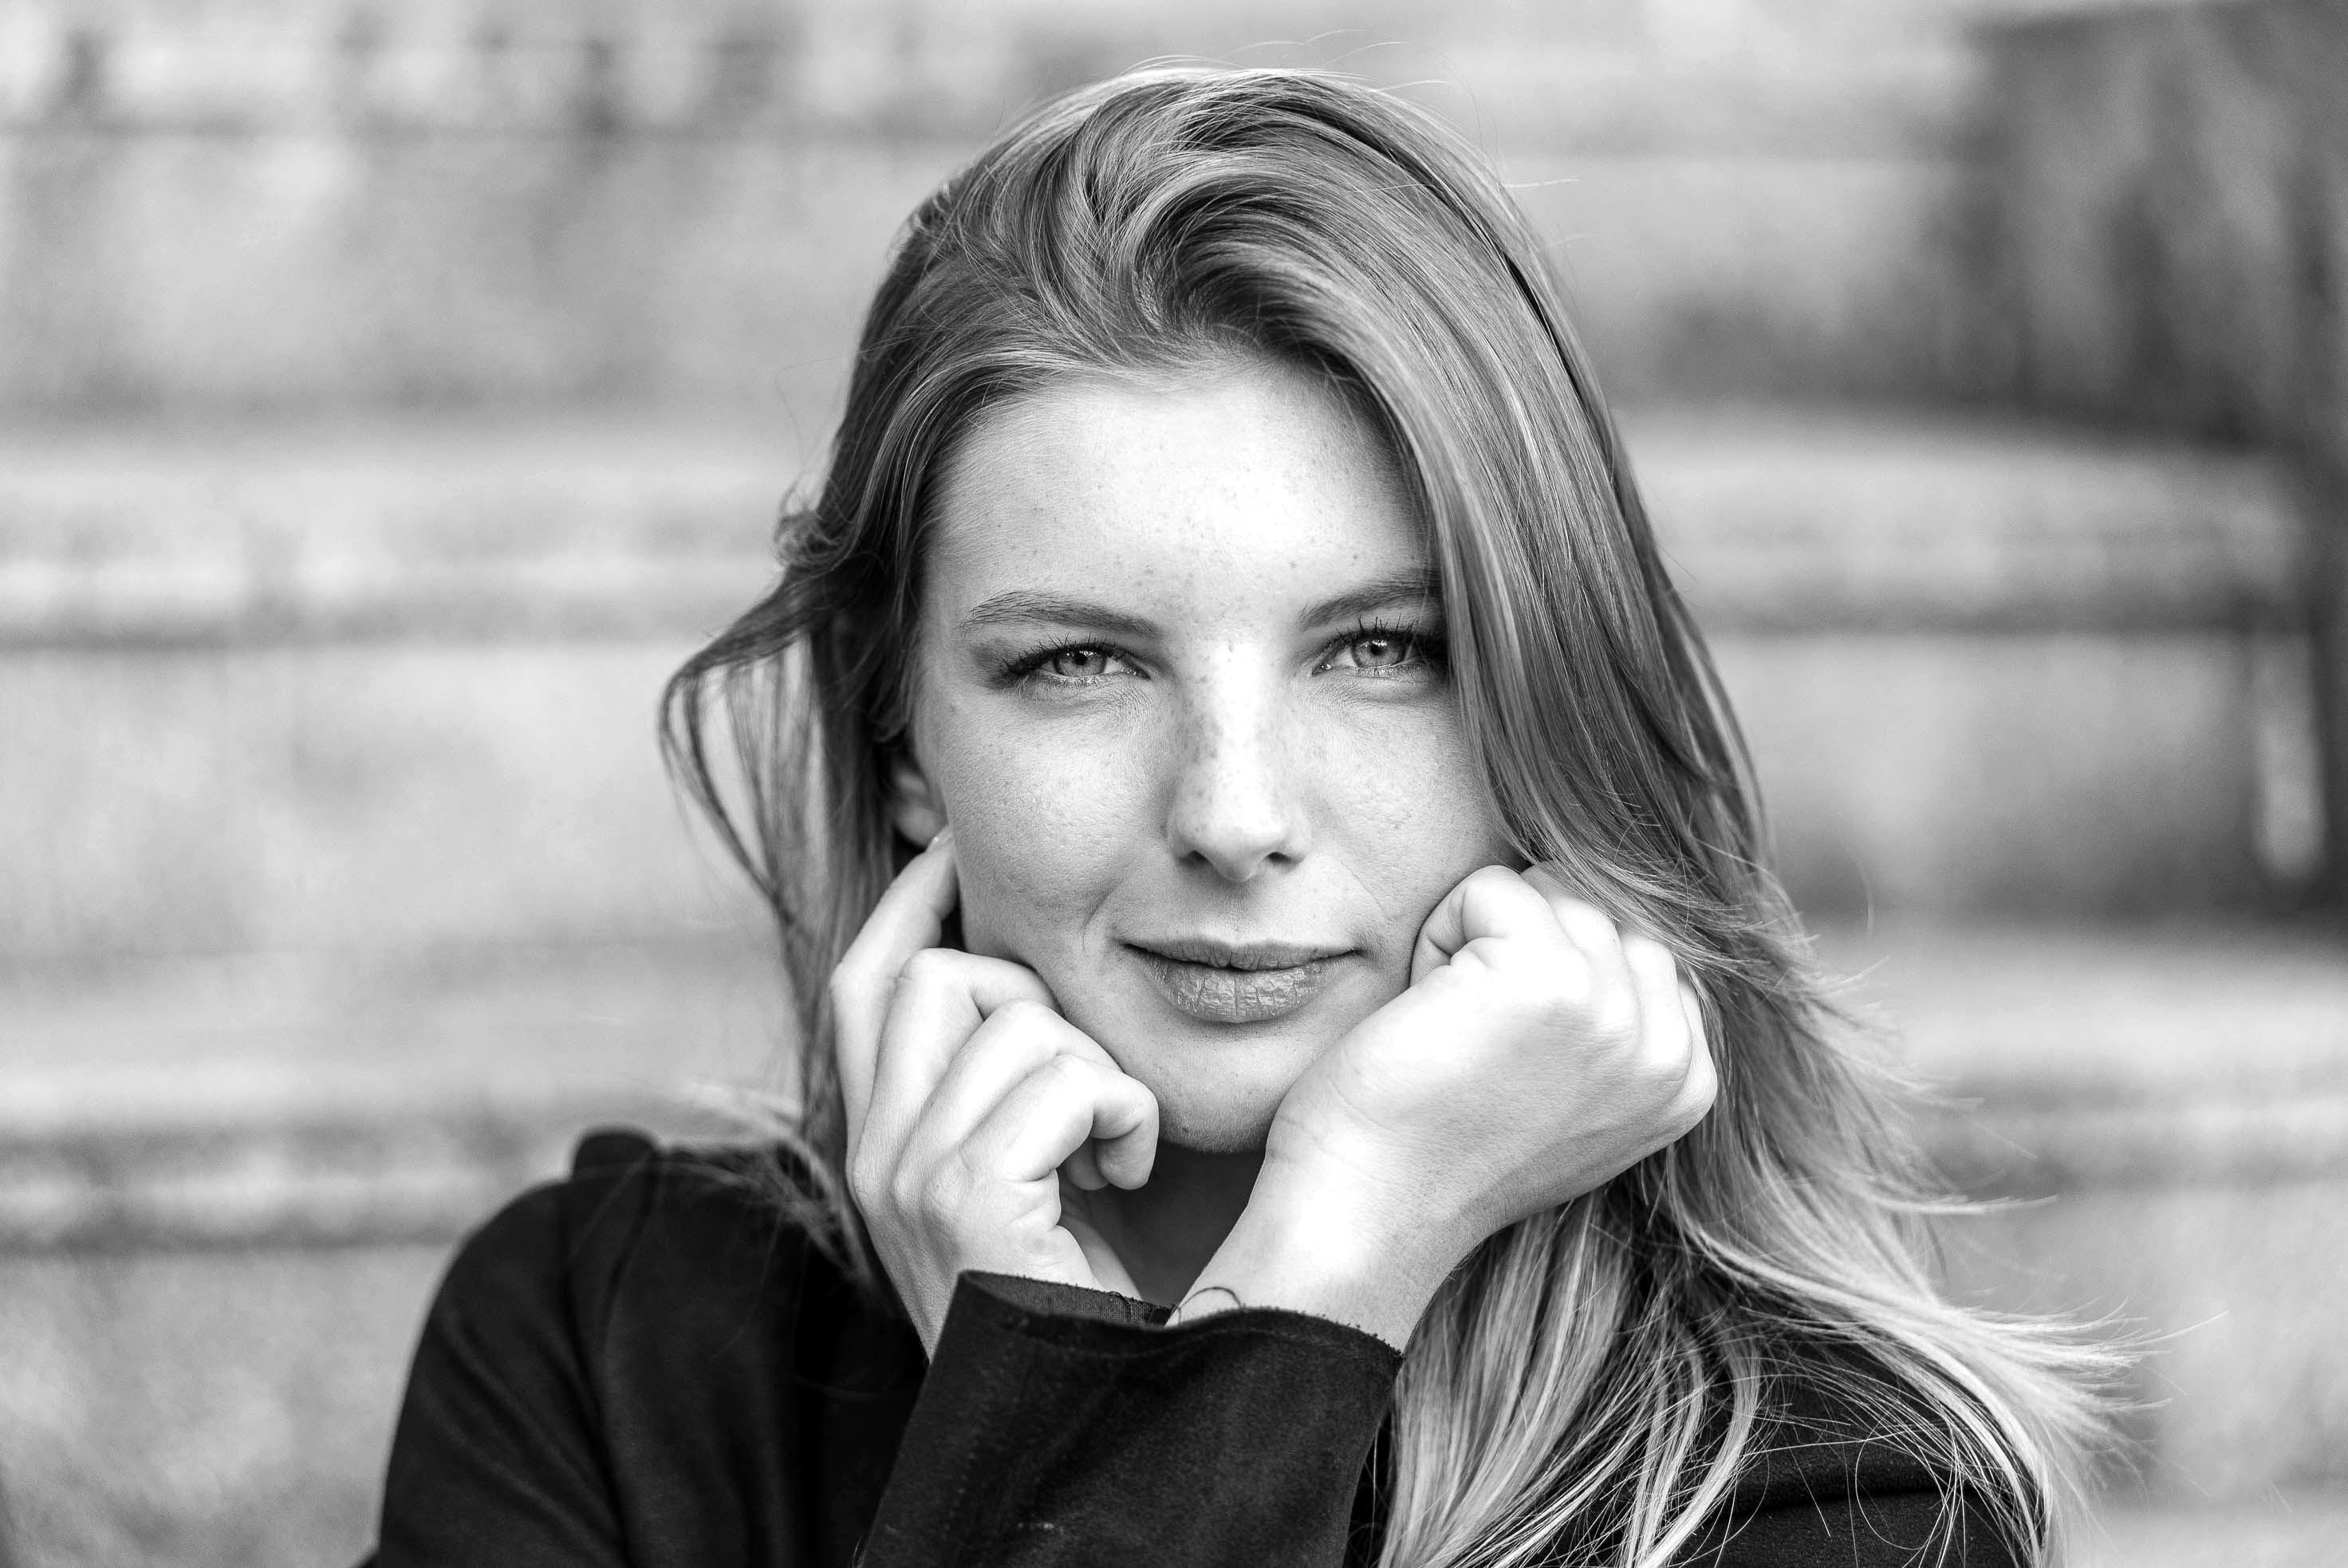 photo en noir et blanc représentant un portrait auteur Franck Burjes photographe de portrait à Amiens